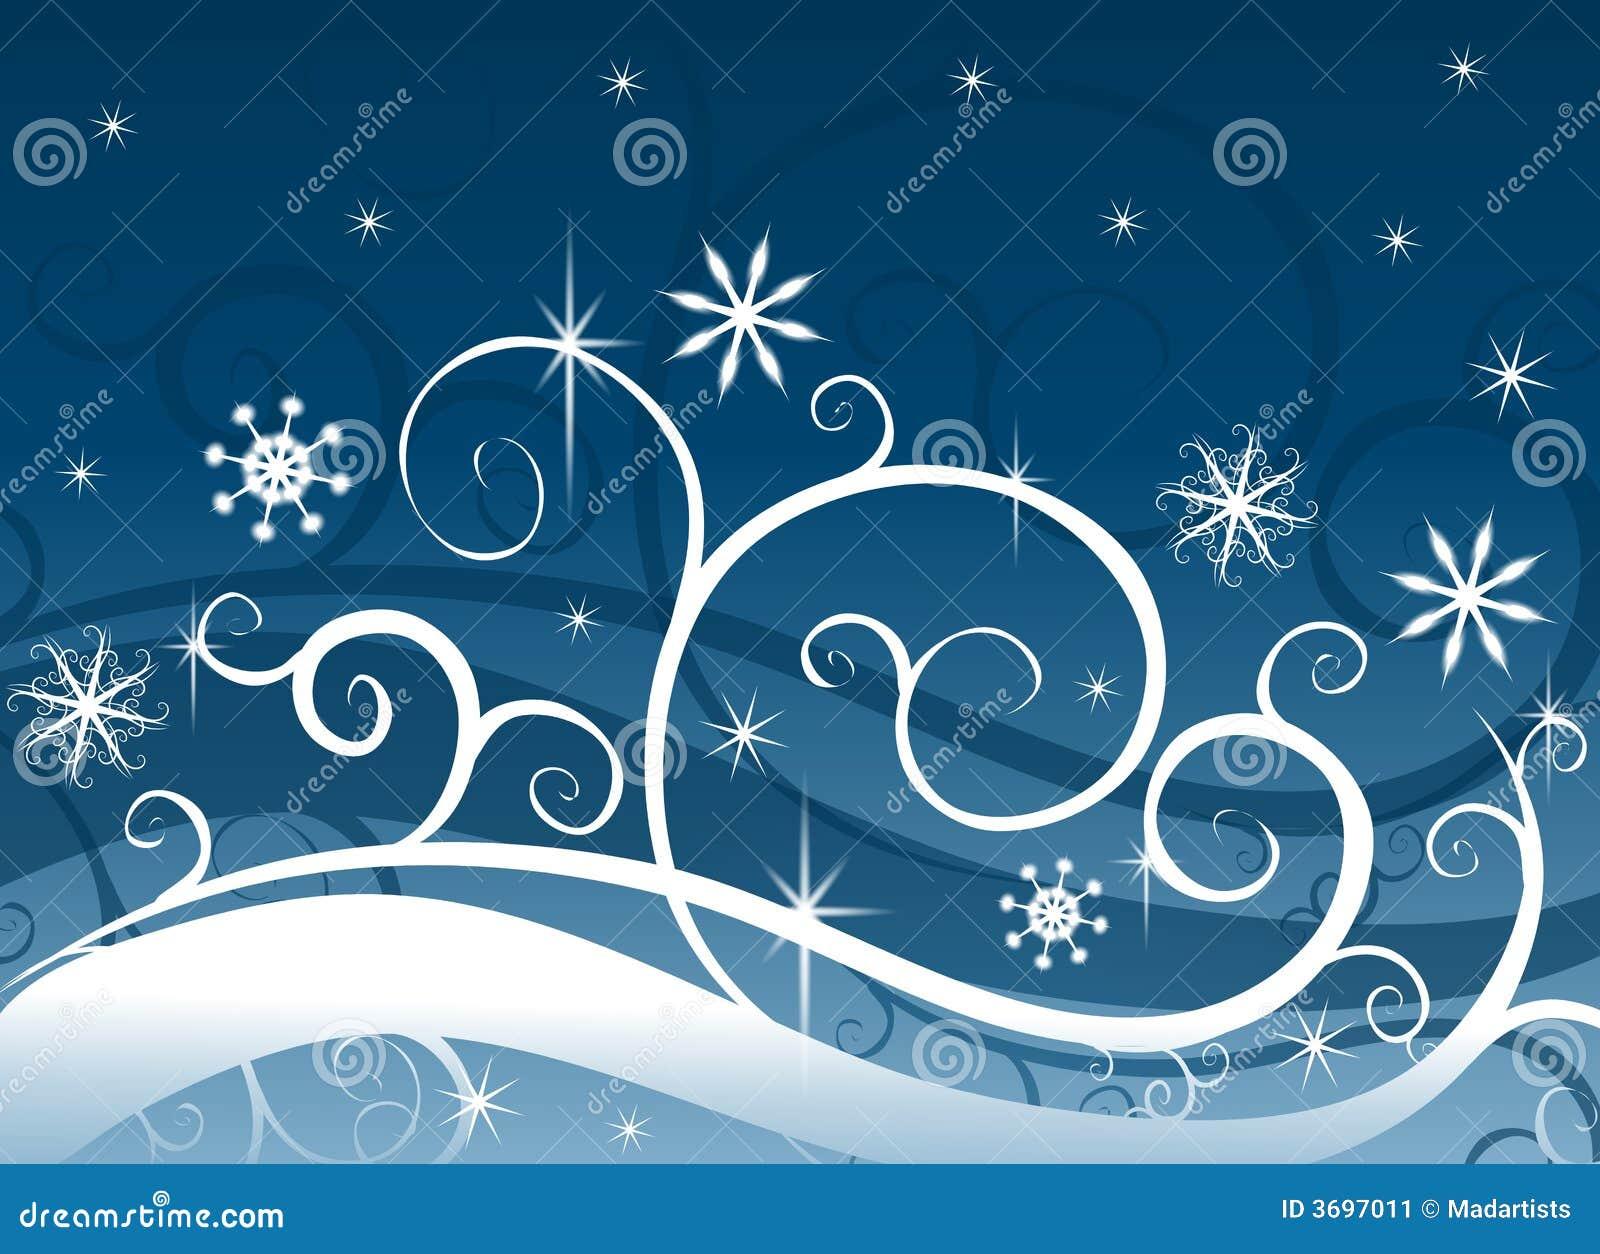 Fiocchi di neve blu del paese delle meraviglie di inverno